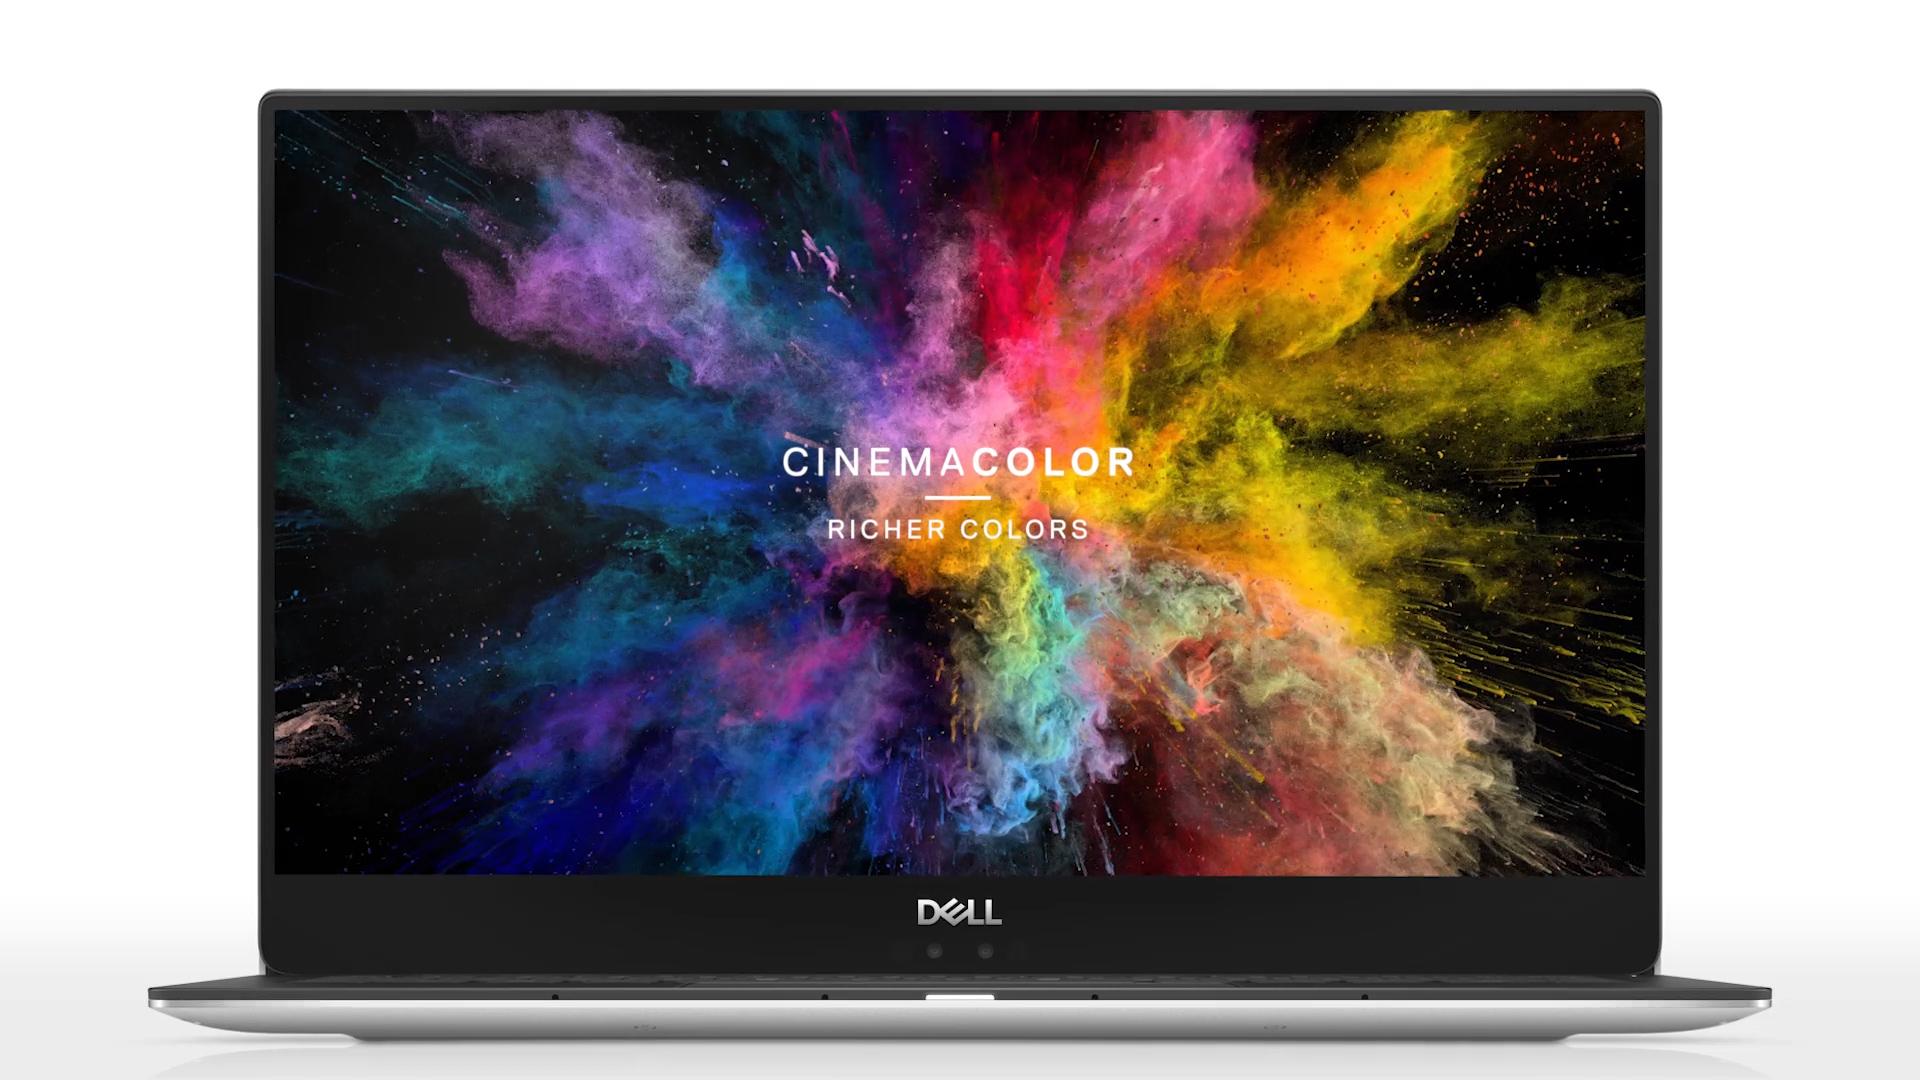 Dell Cinema Proves PC Innovation Still Vital – Tech pinions